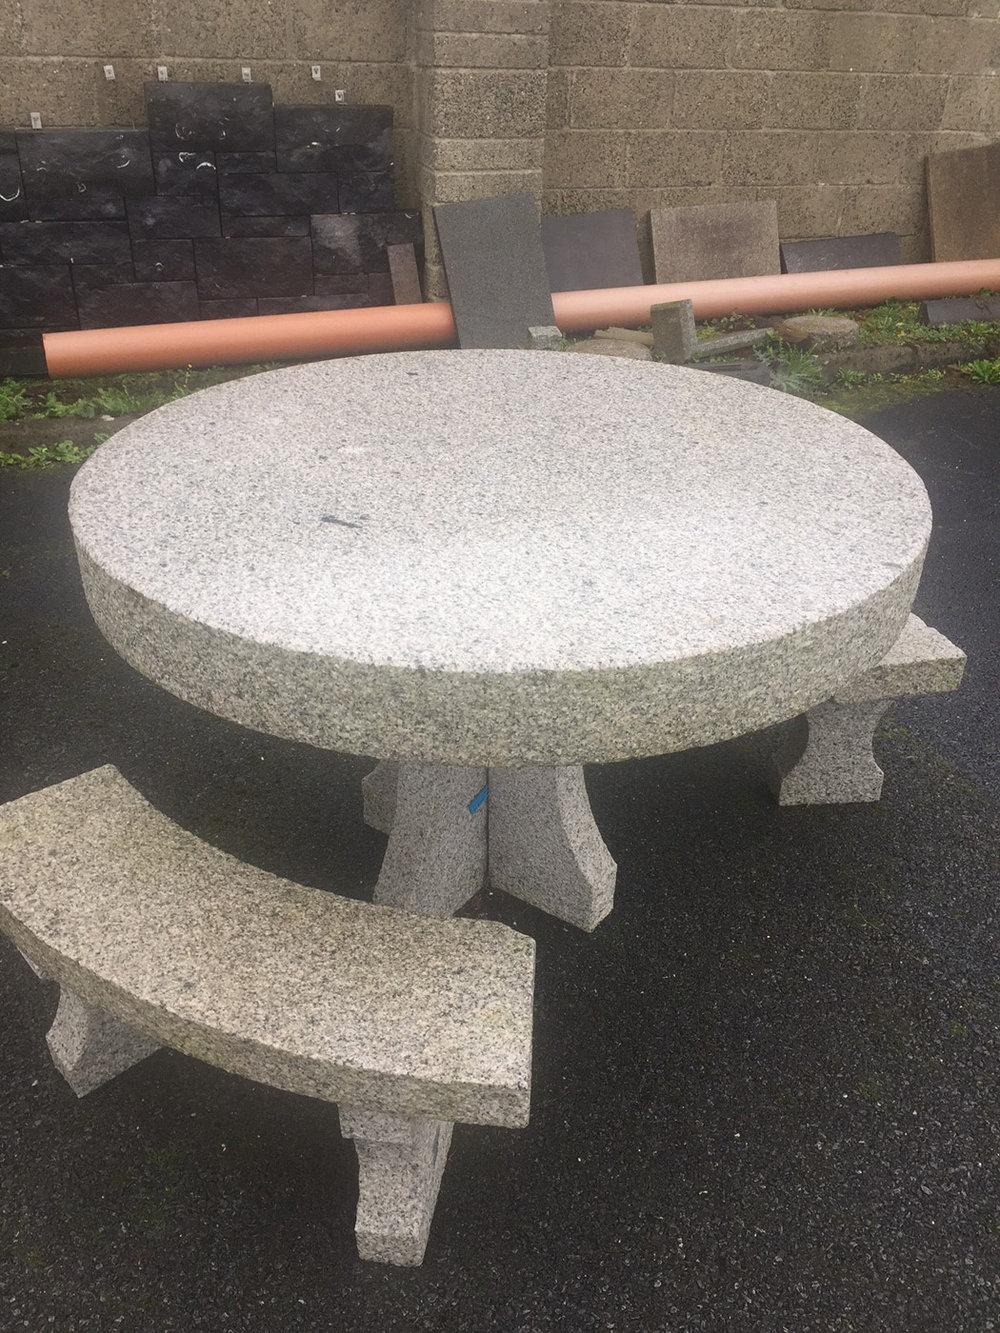 1200 diameter grey granite table with two granite seats - €550